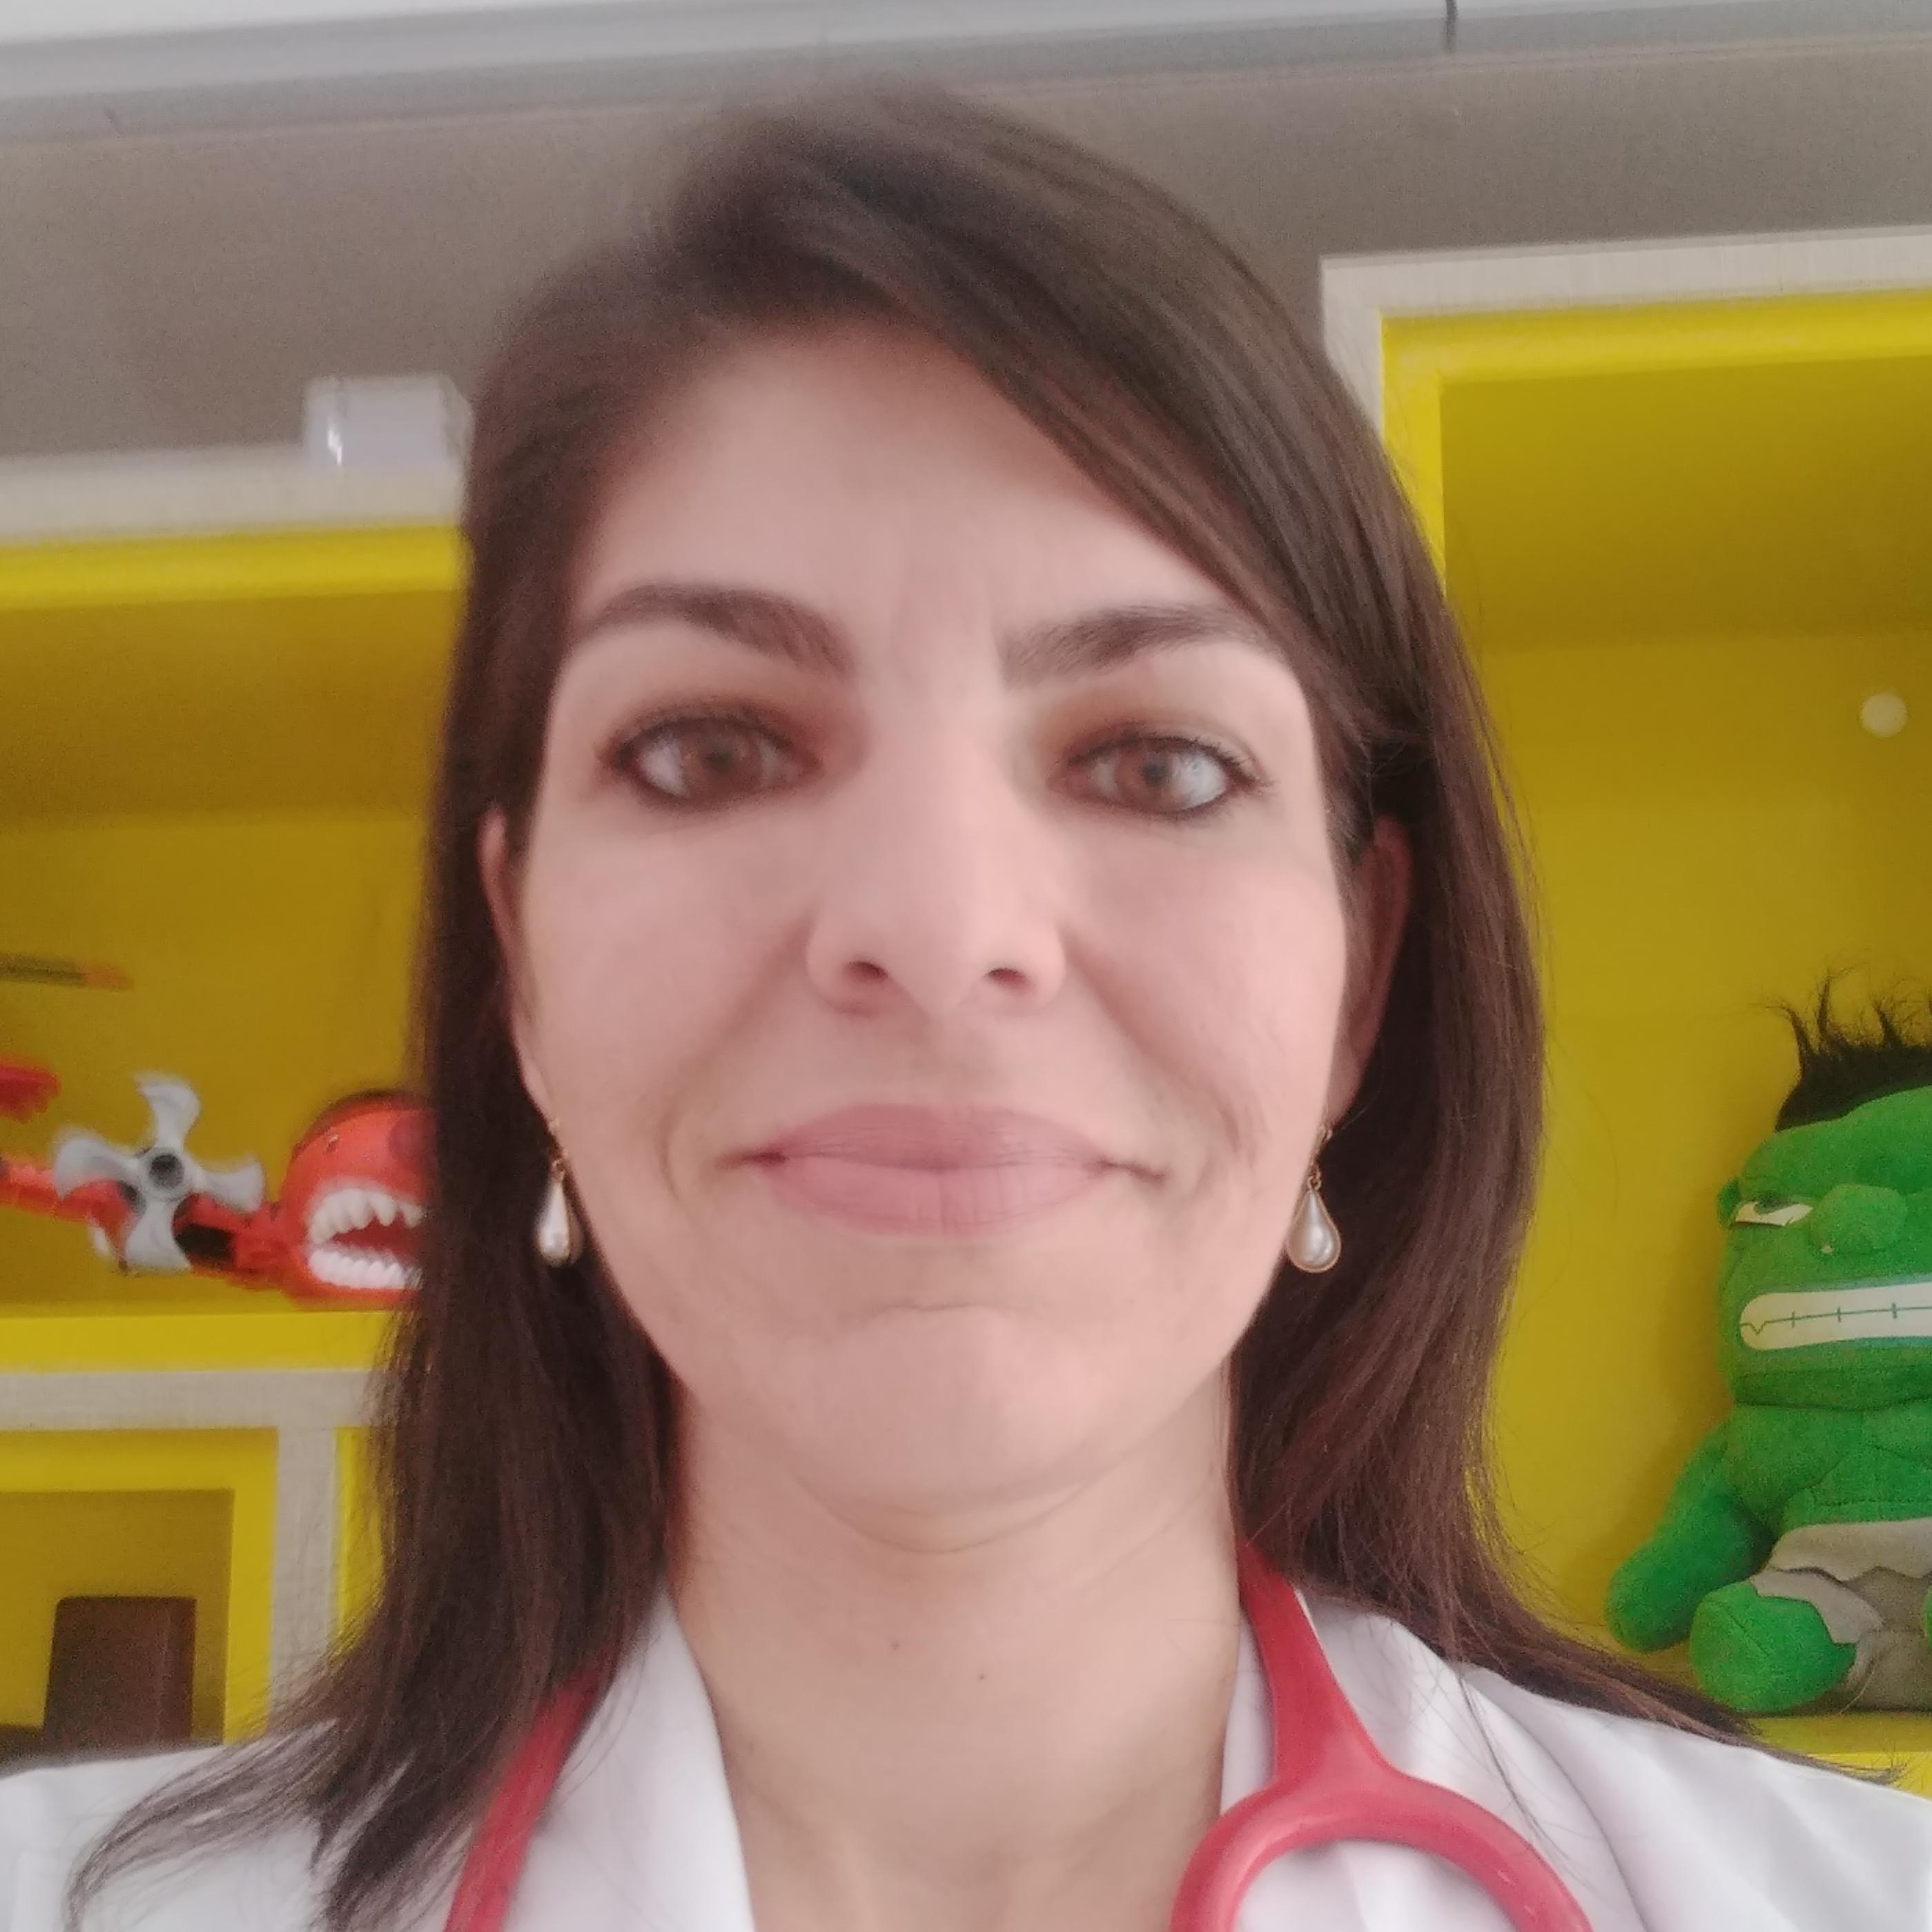 Érica Virgínia Batista Pereira Freire de Mello